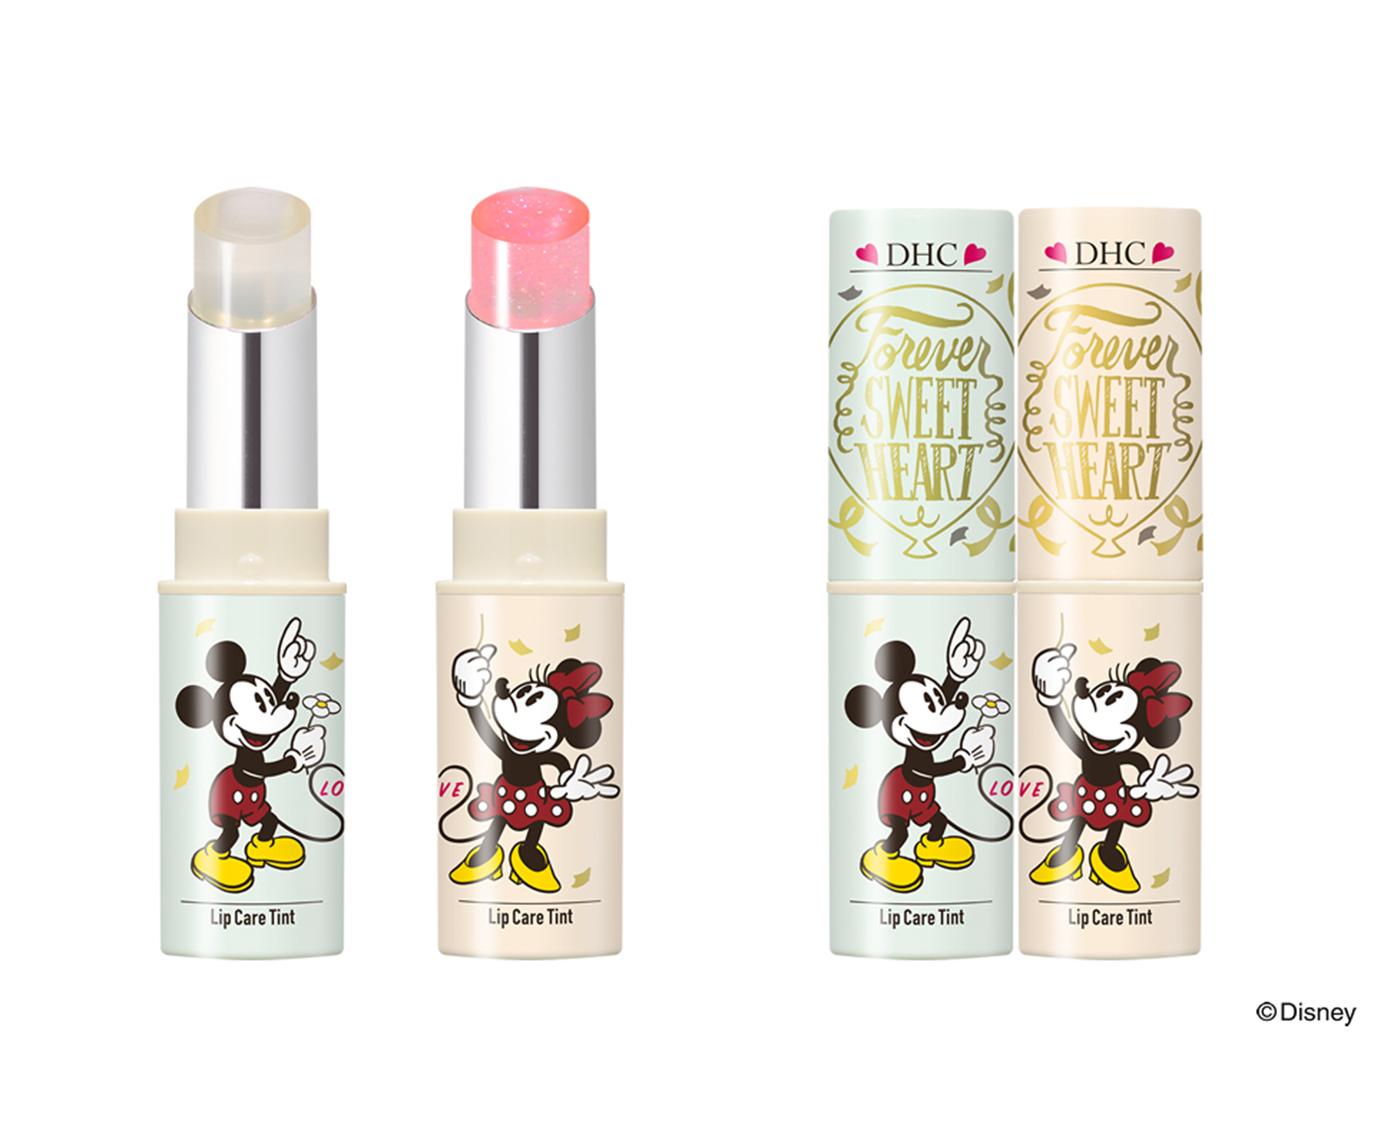 【迪士尼限定款】自然系女孩必備,DHC變色護唇膏,米奇米妮化身合體LOVE!